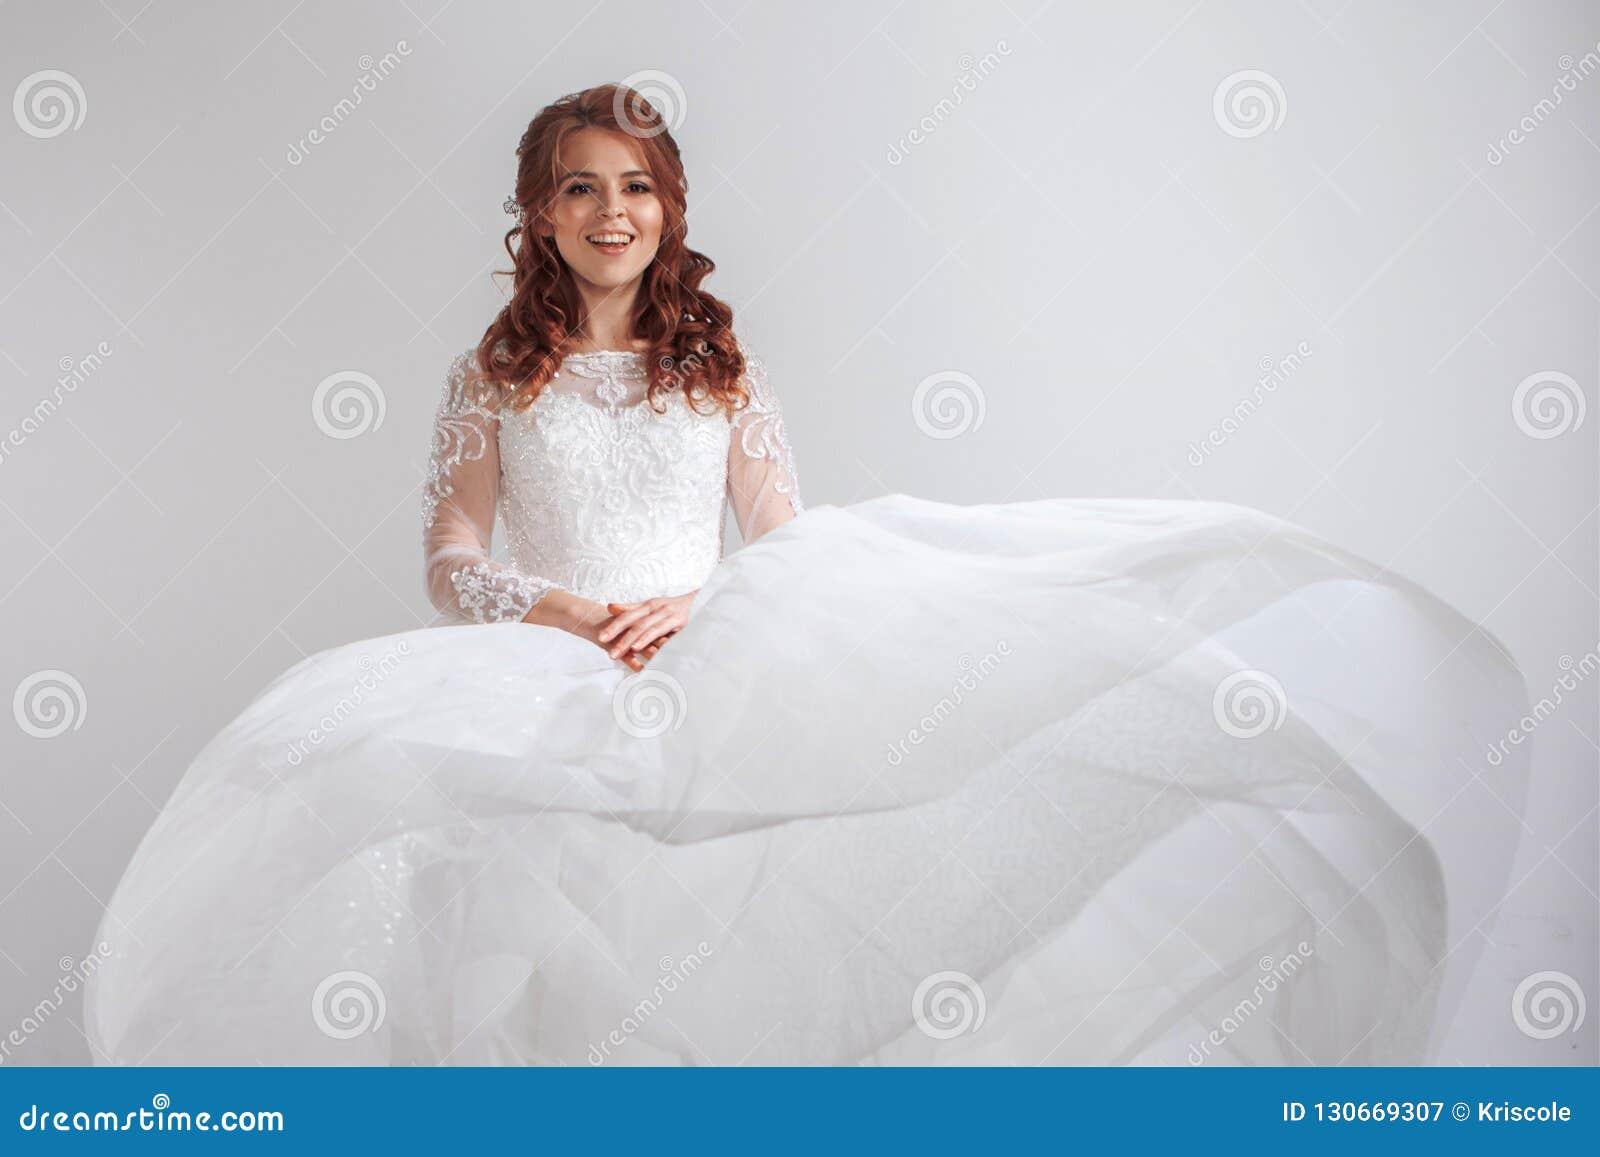 Mujer Risa Feliz Encantadora Novia Vestido Joven En De Boda HnTwHgxqr